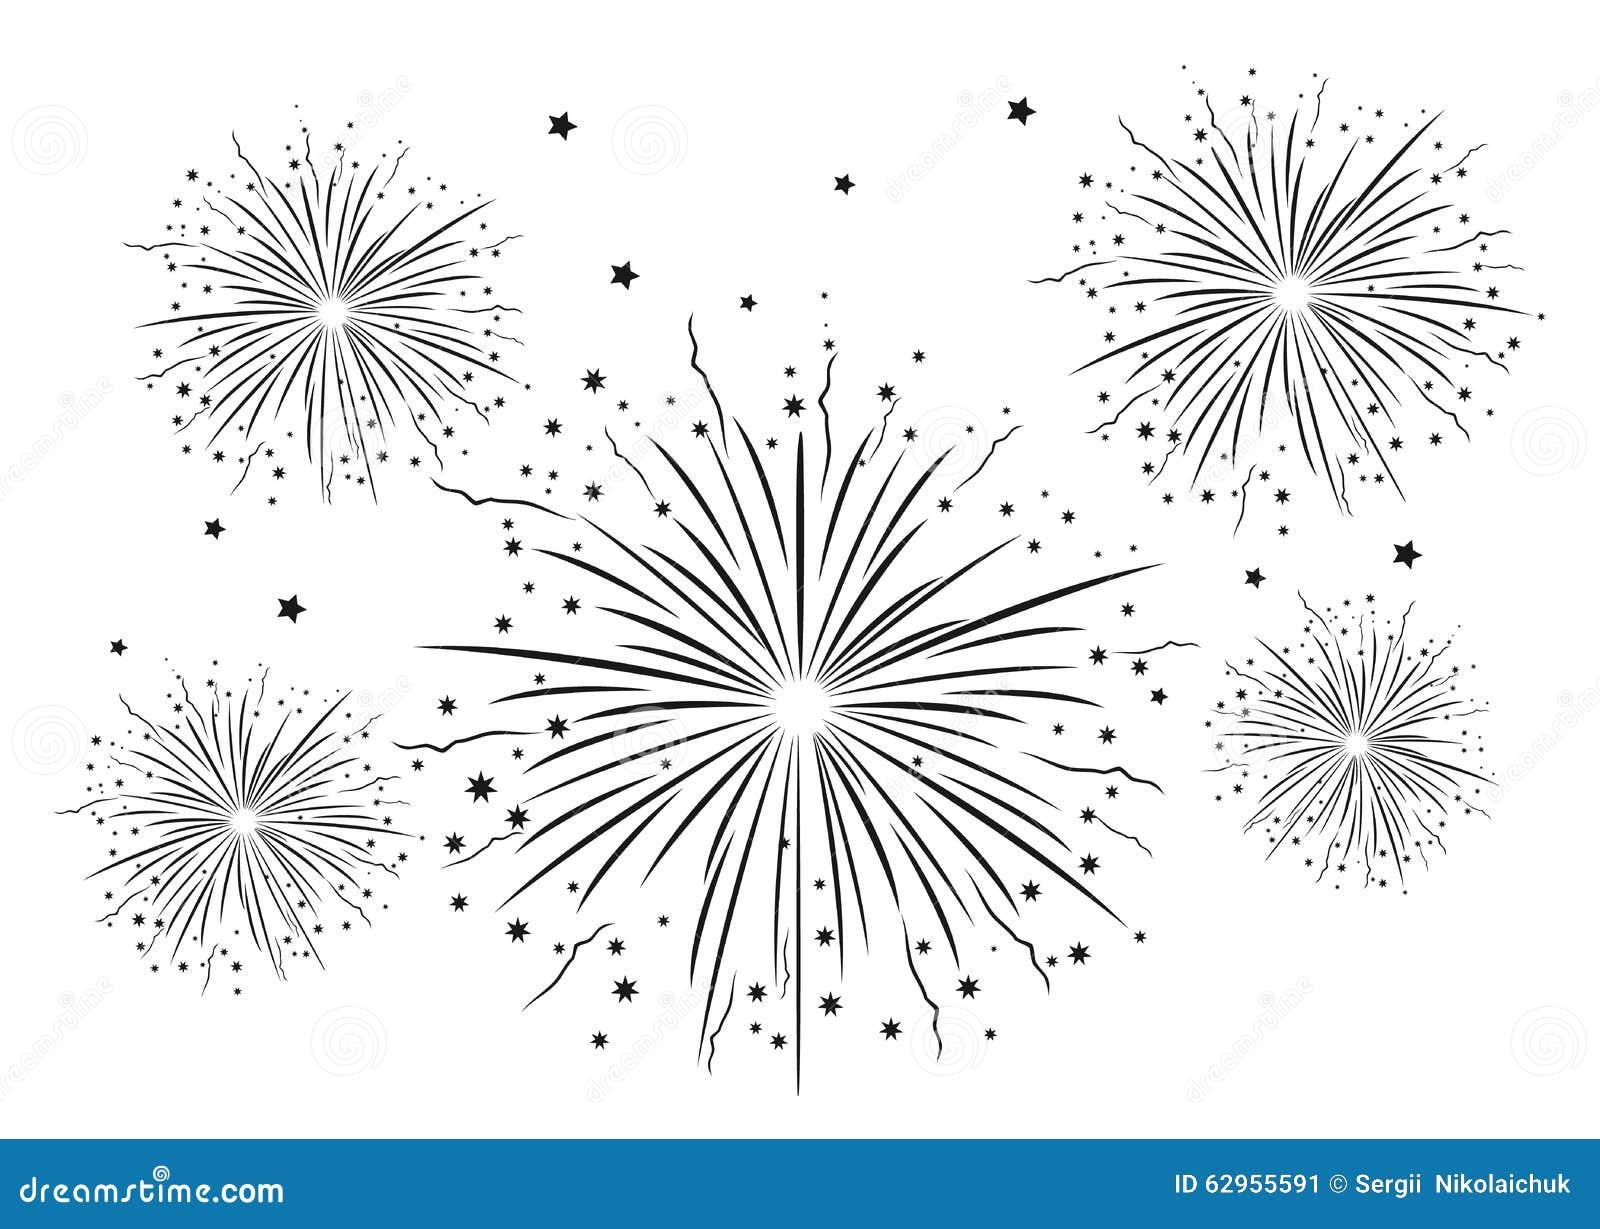 Zwart Wit Vuurwerk Vector Illustratie Illustratie